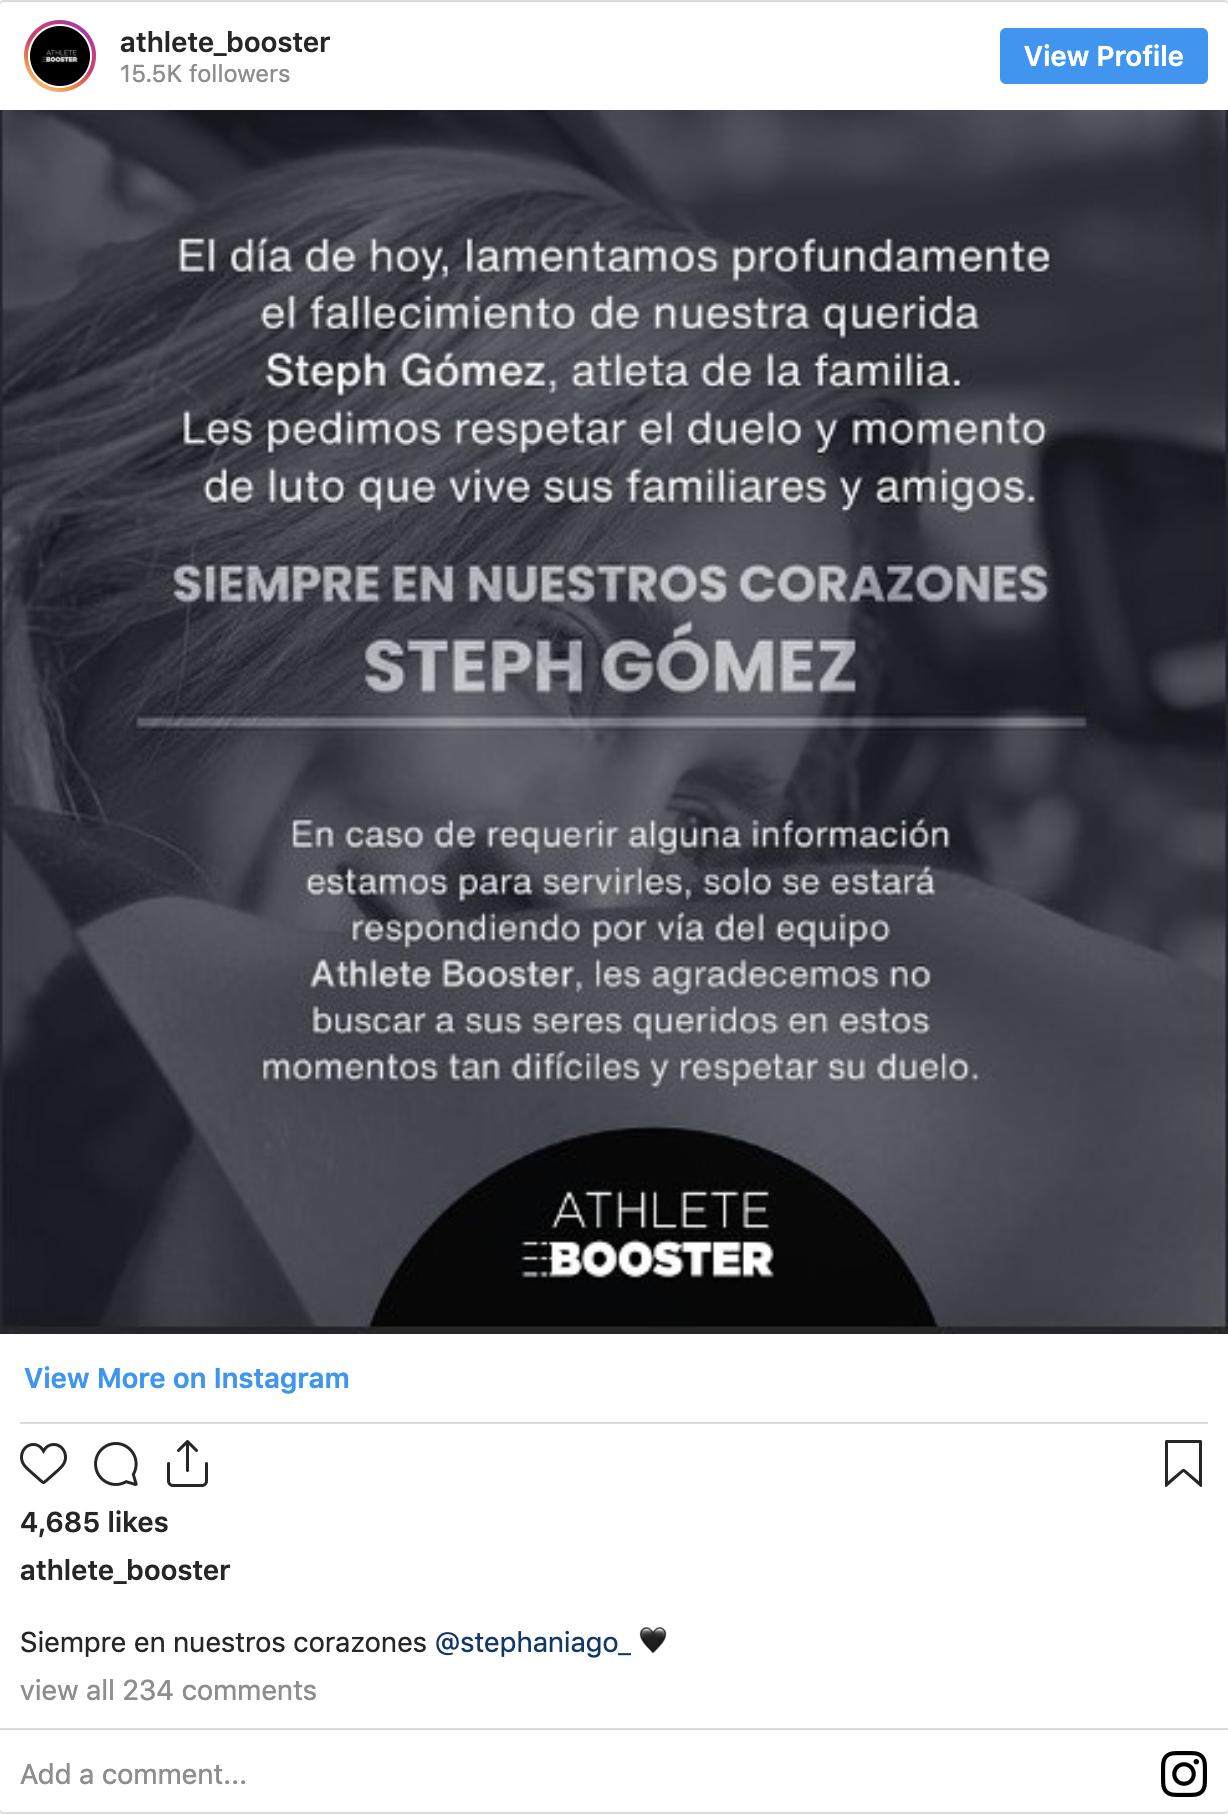 STEPH GÓMEZ